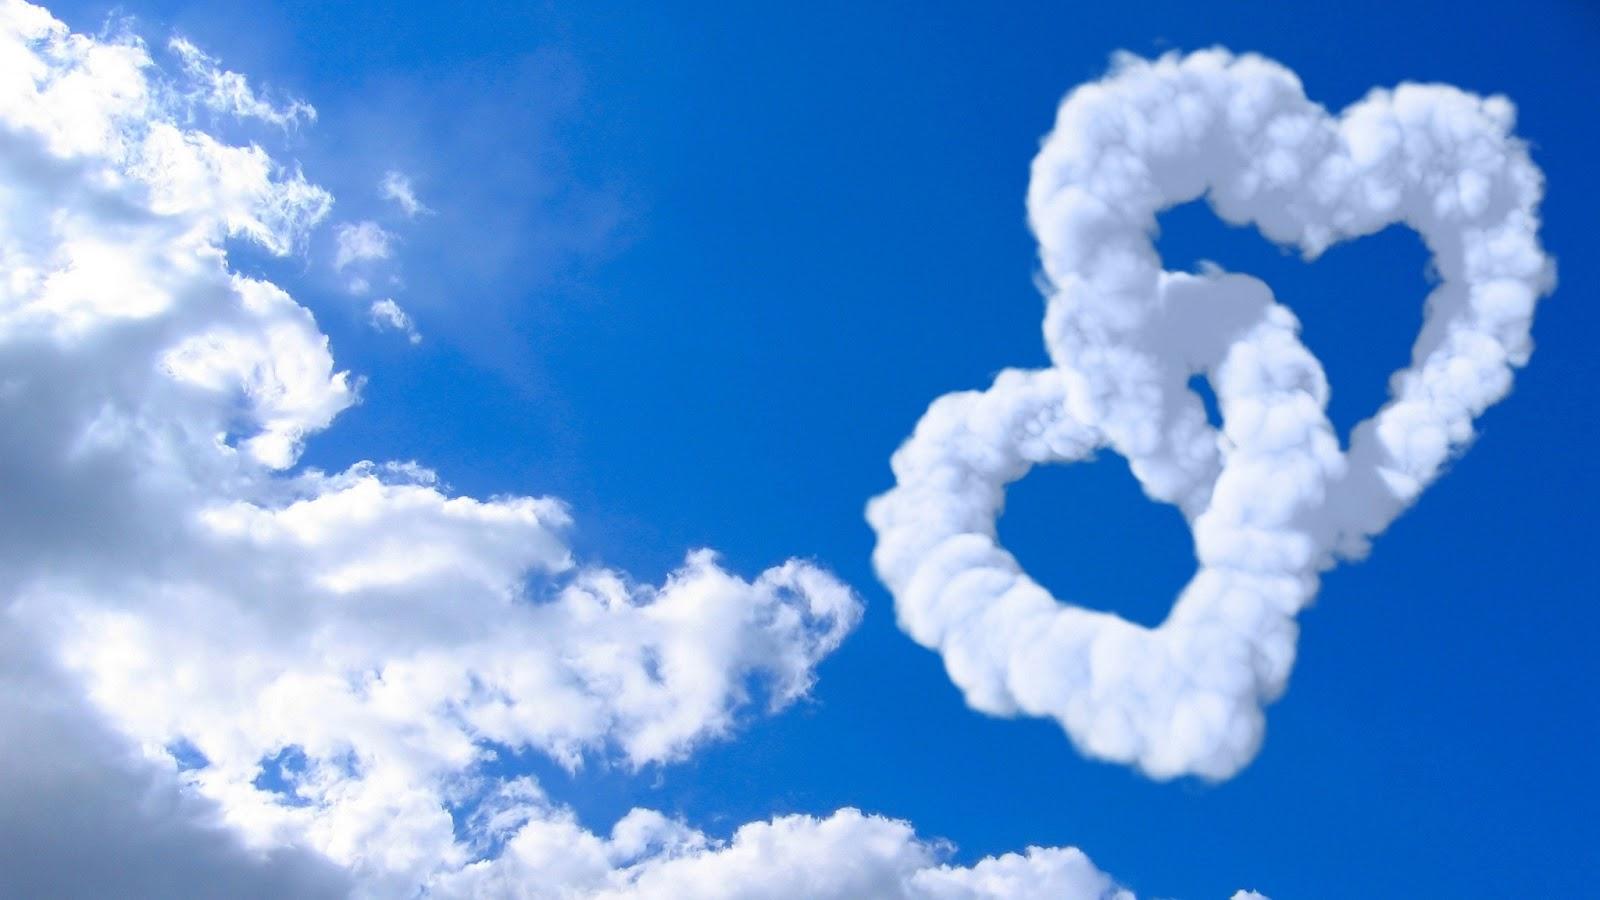 Tidak Jadi Menikah, Bisakah Dikumpulkan Di Surga Bersama yang Dicintai?